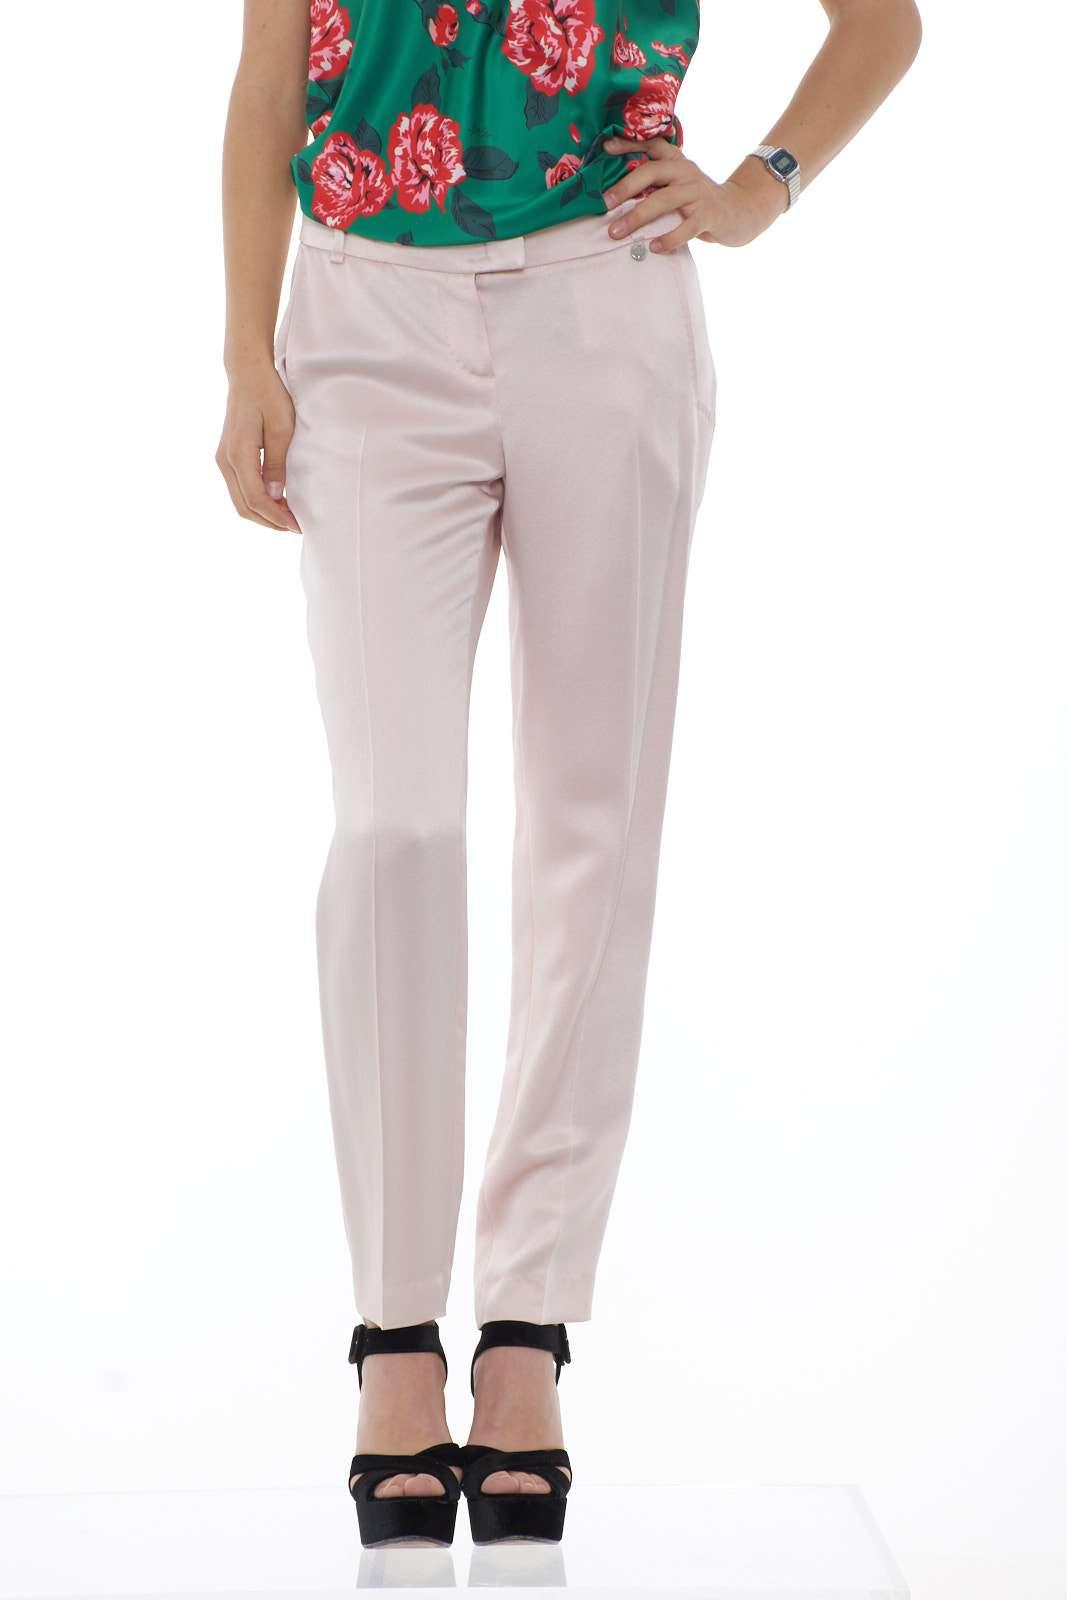 Chic ed elegante il pantalone in raso firmato Liu Jo. Per la donna che ama la cura del proprio outfit, con capi formali e femminili, da indossare con una giacca abbinata ed una blusa per un look davvero impeccabile. La modella è alta 1.68m e indossa la taglia 40.